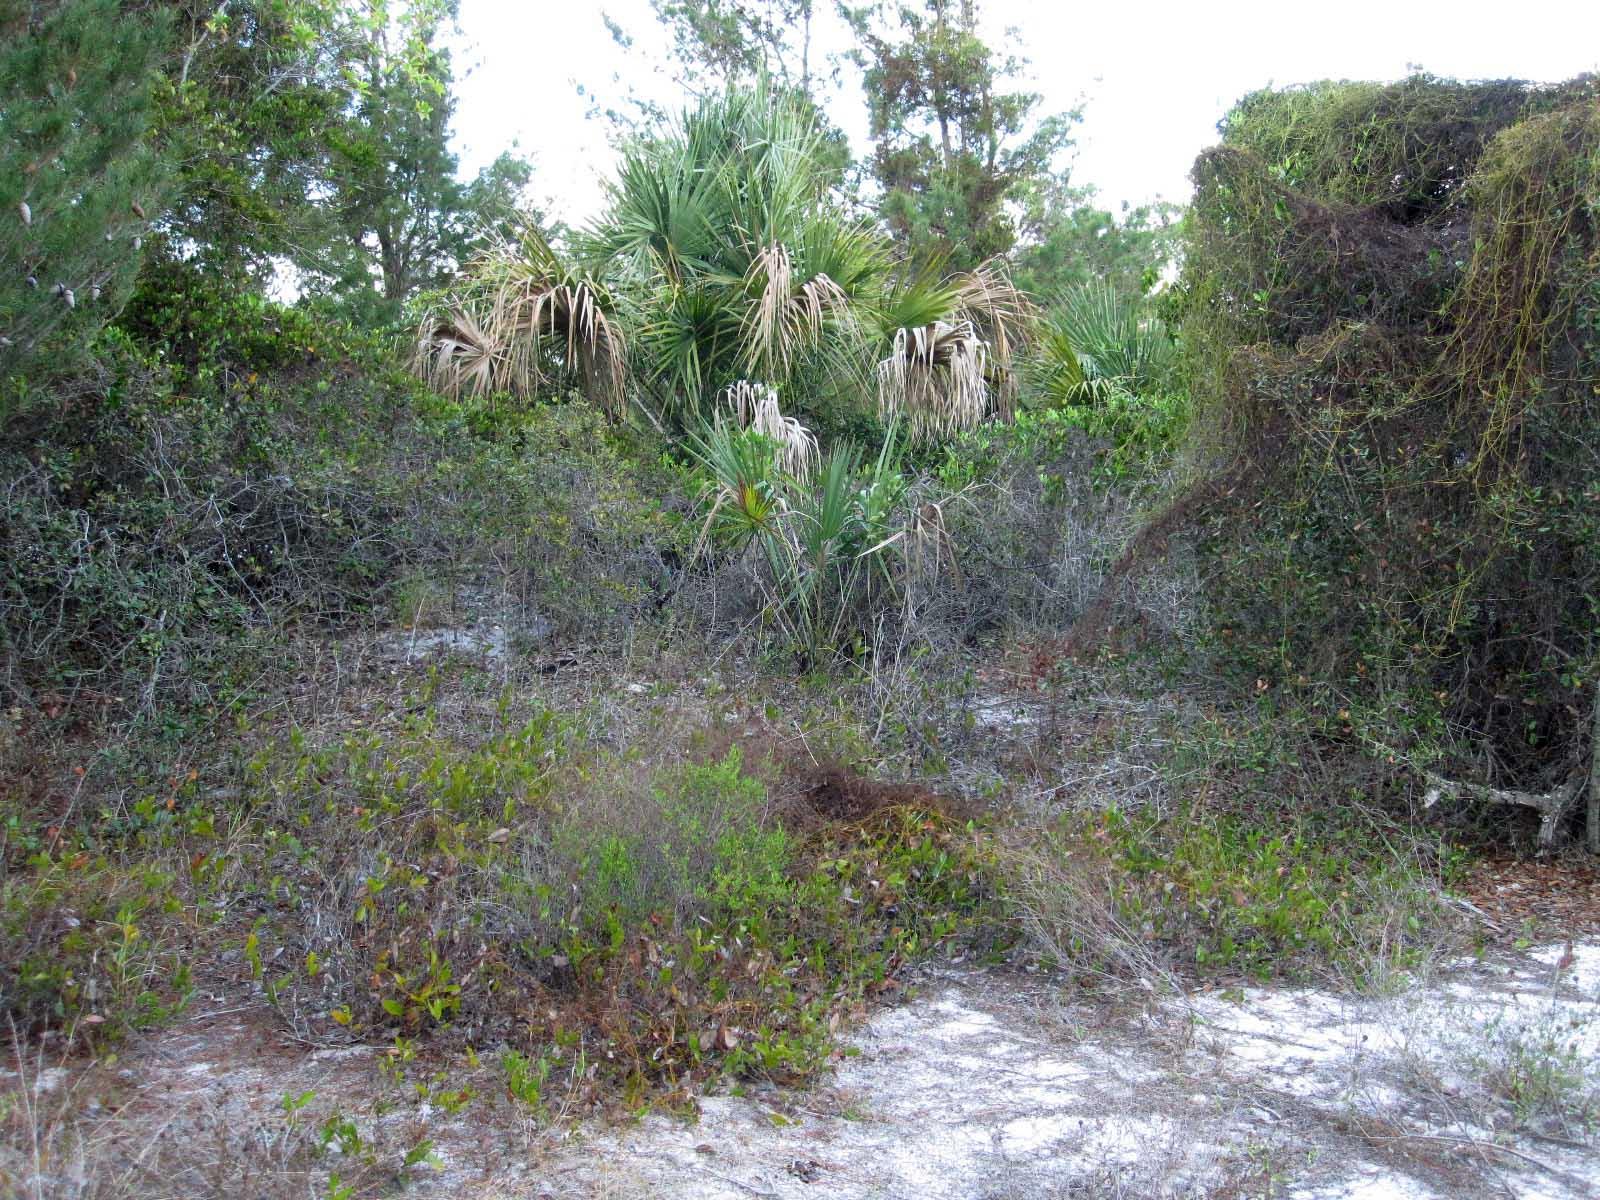 Greenbrier Pompano Beach Florida